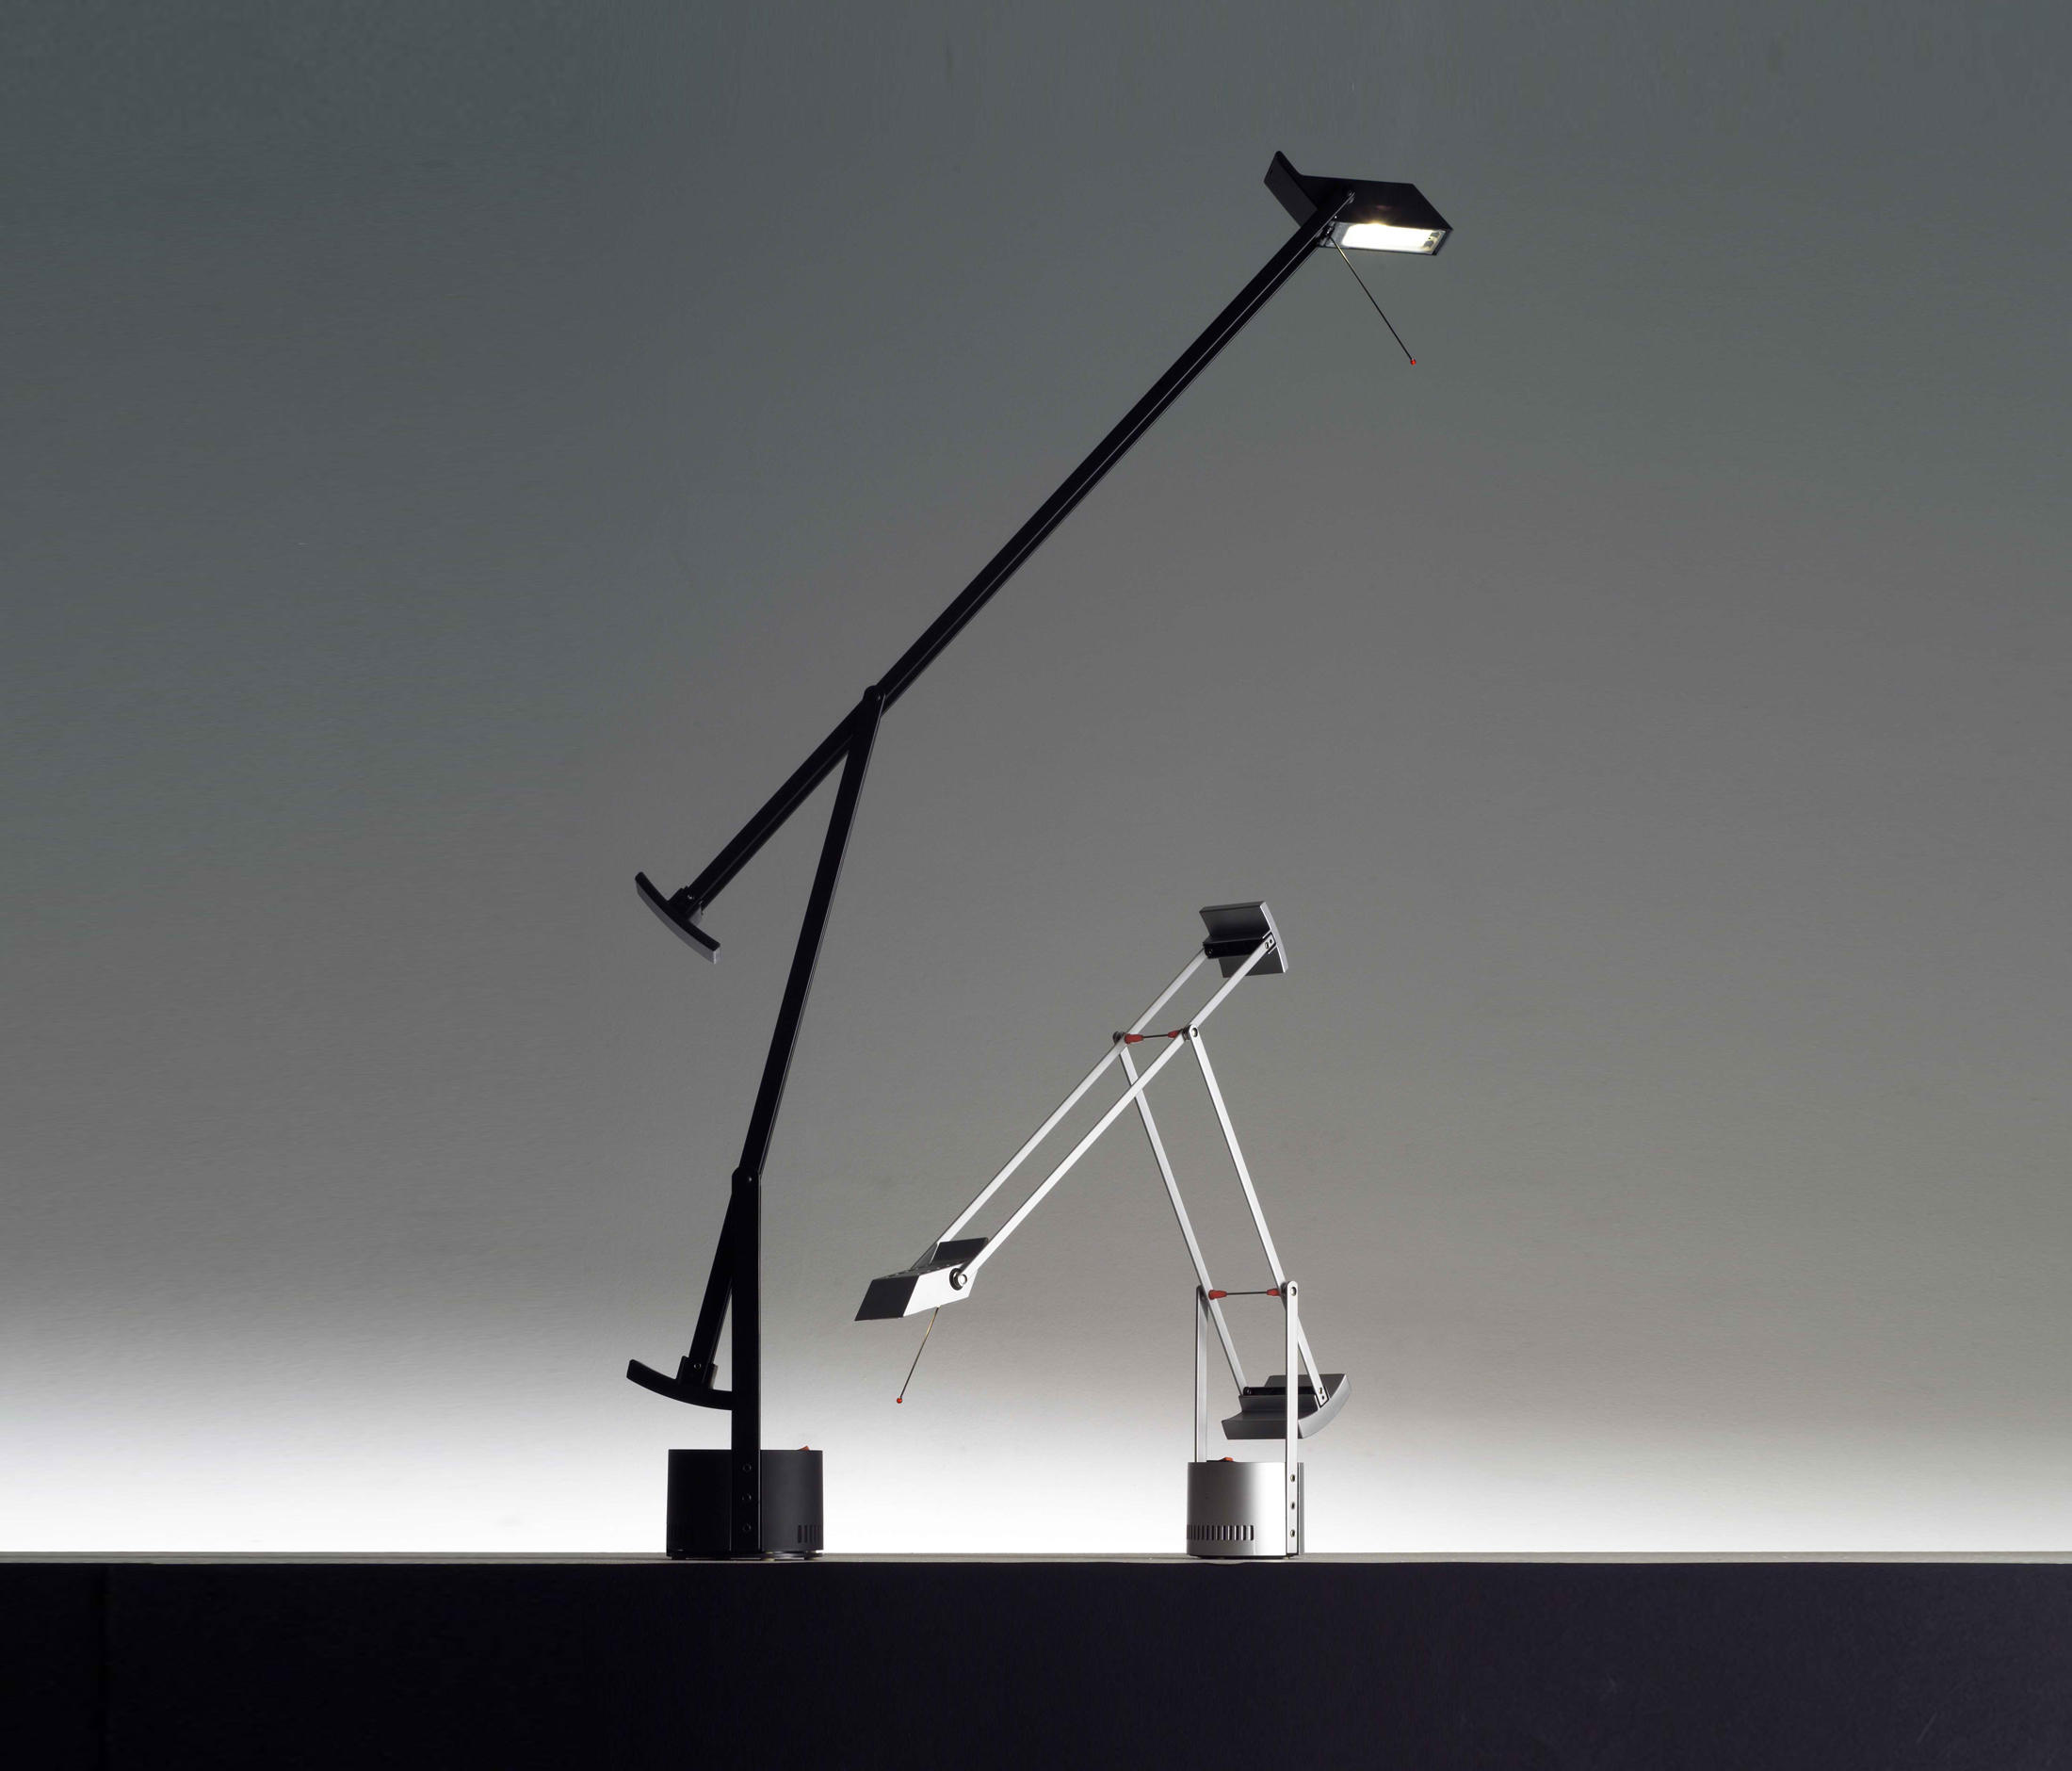 Tizio lampade da tavolo lampade postazione di lavoro - Lampade da tavolo artemide ...